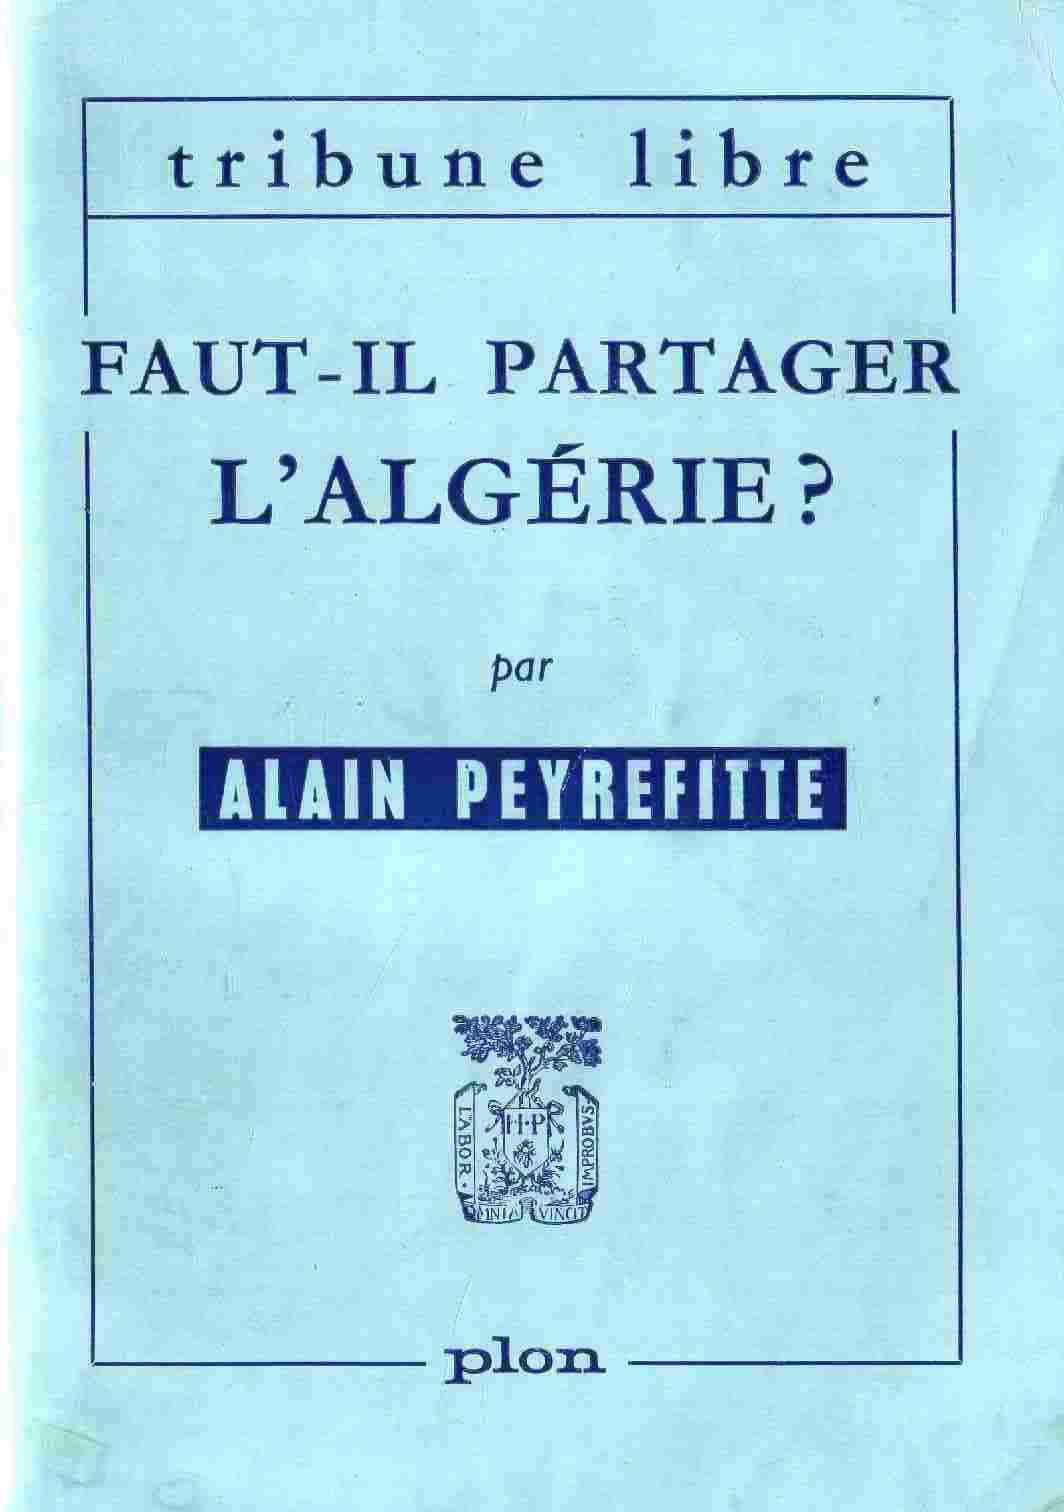 http://jeunepiednoir.pagesperso-orange.fr/jpn.wst/Images/Livre%20Faut-il%20partager%20%20200M.jpg